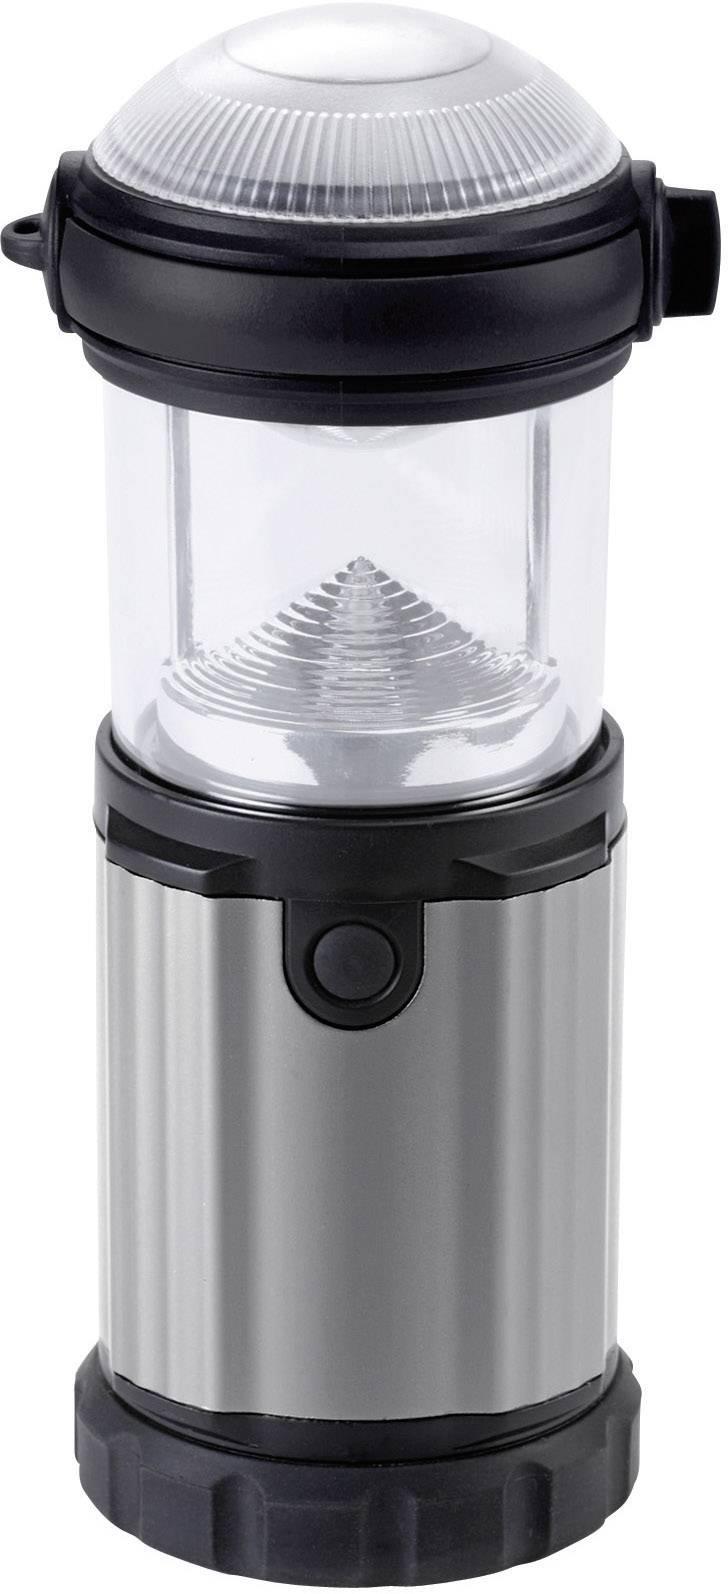 Kempingová svítilna Ampercell Montana, černá/stříbrná